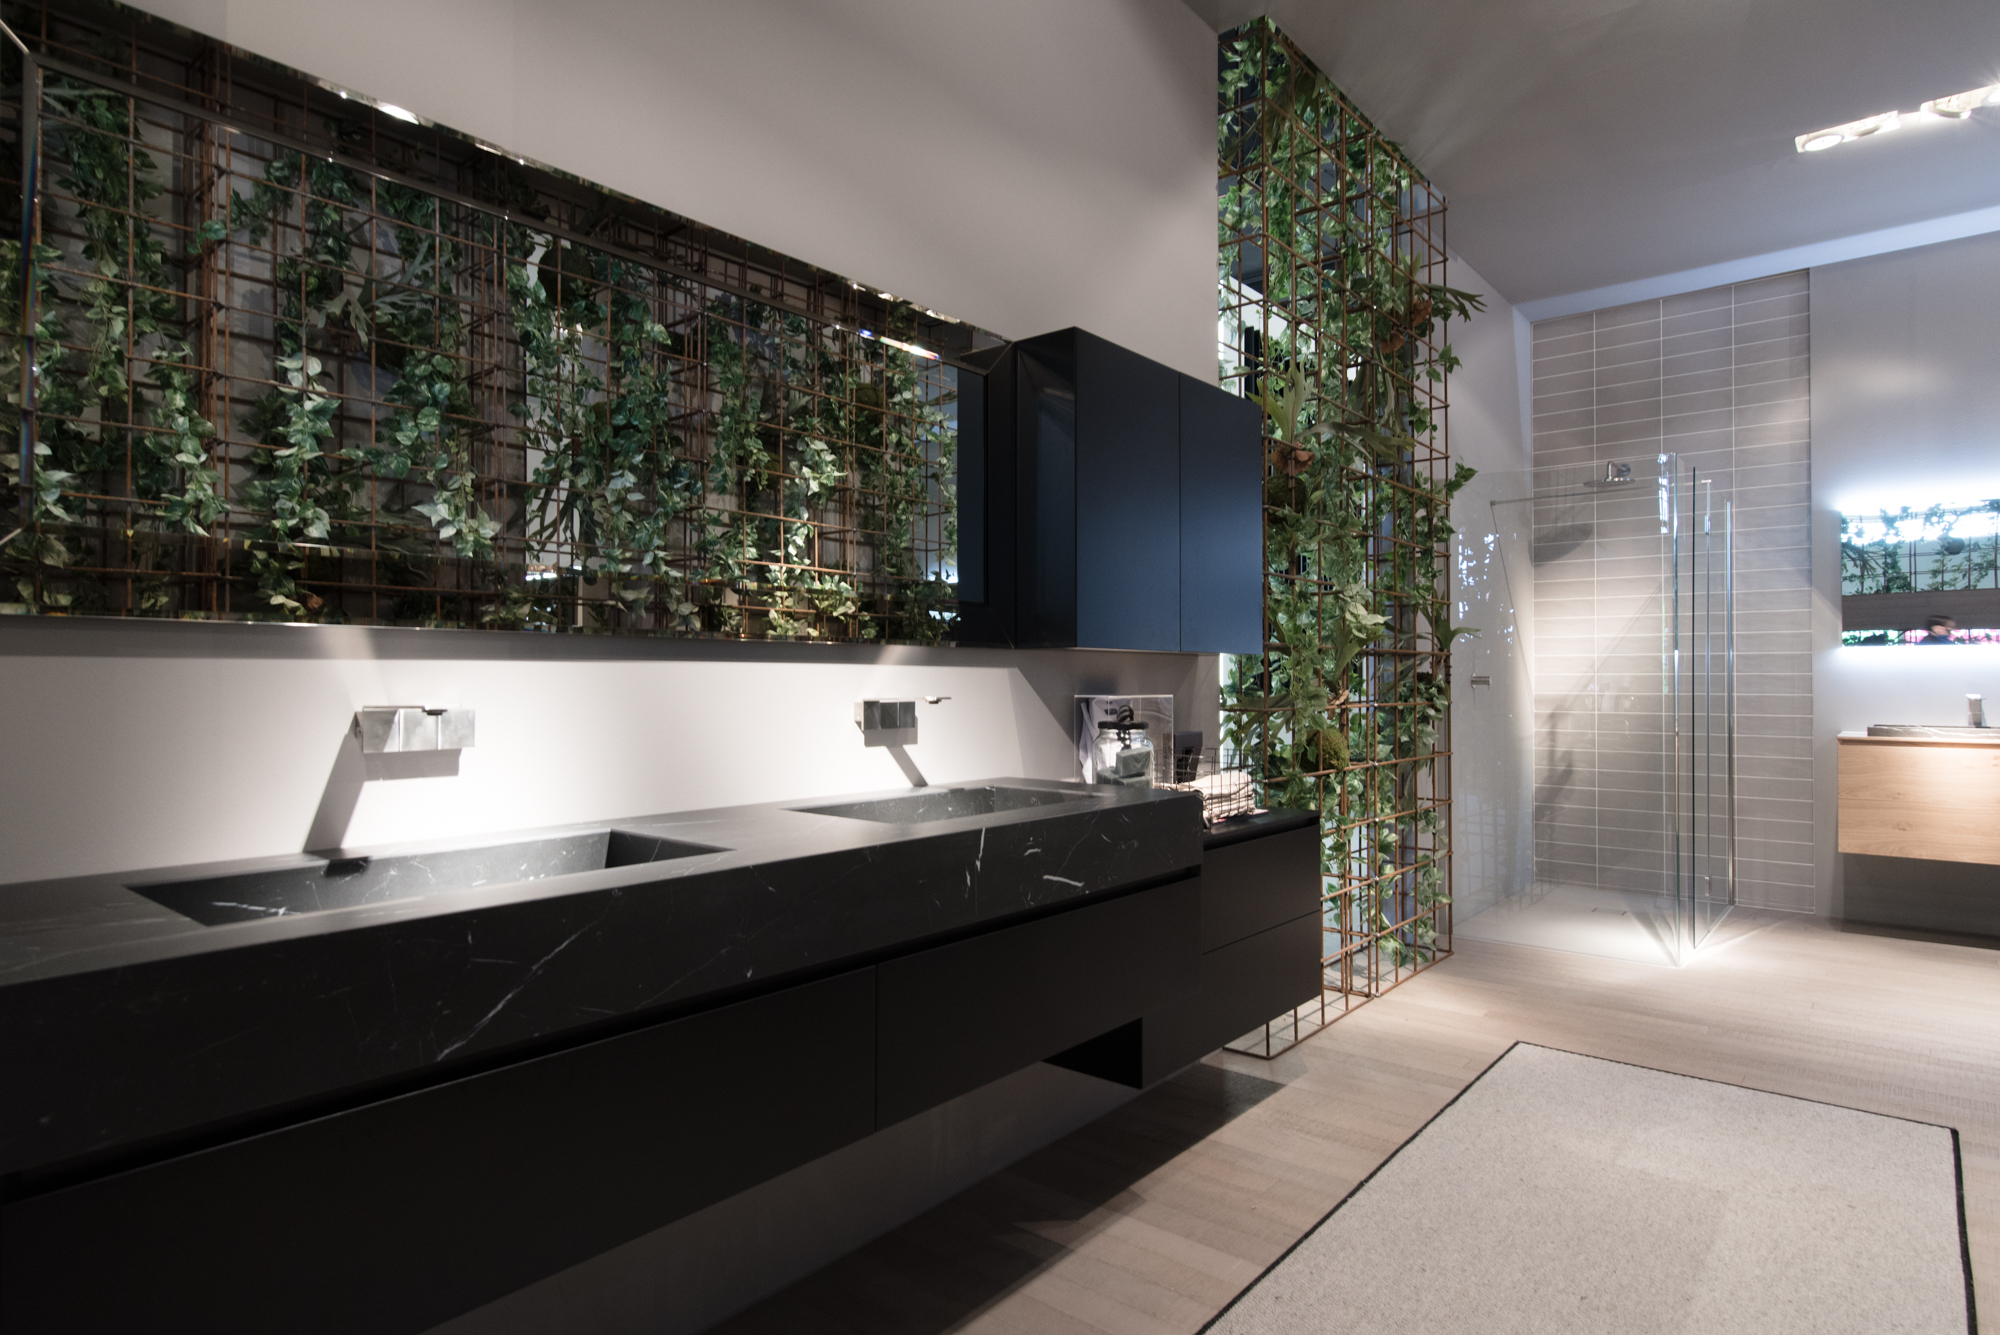 Bagni In Marmo Nero : Arredobagno arredamento cubik idea gres marmo nero ideagroup